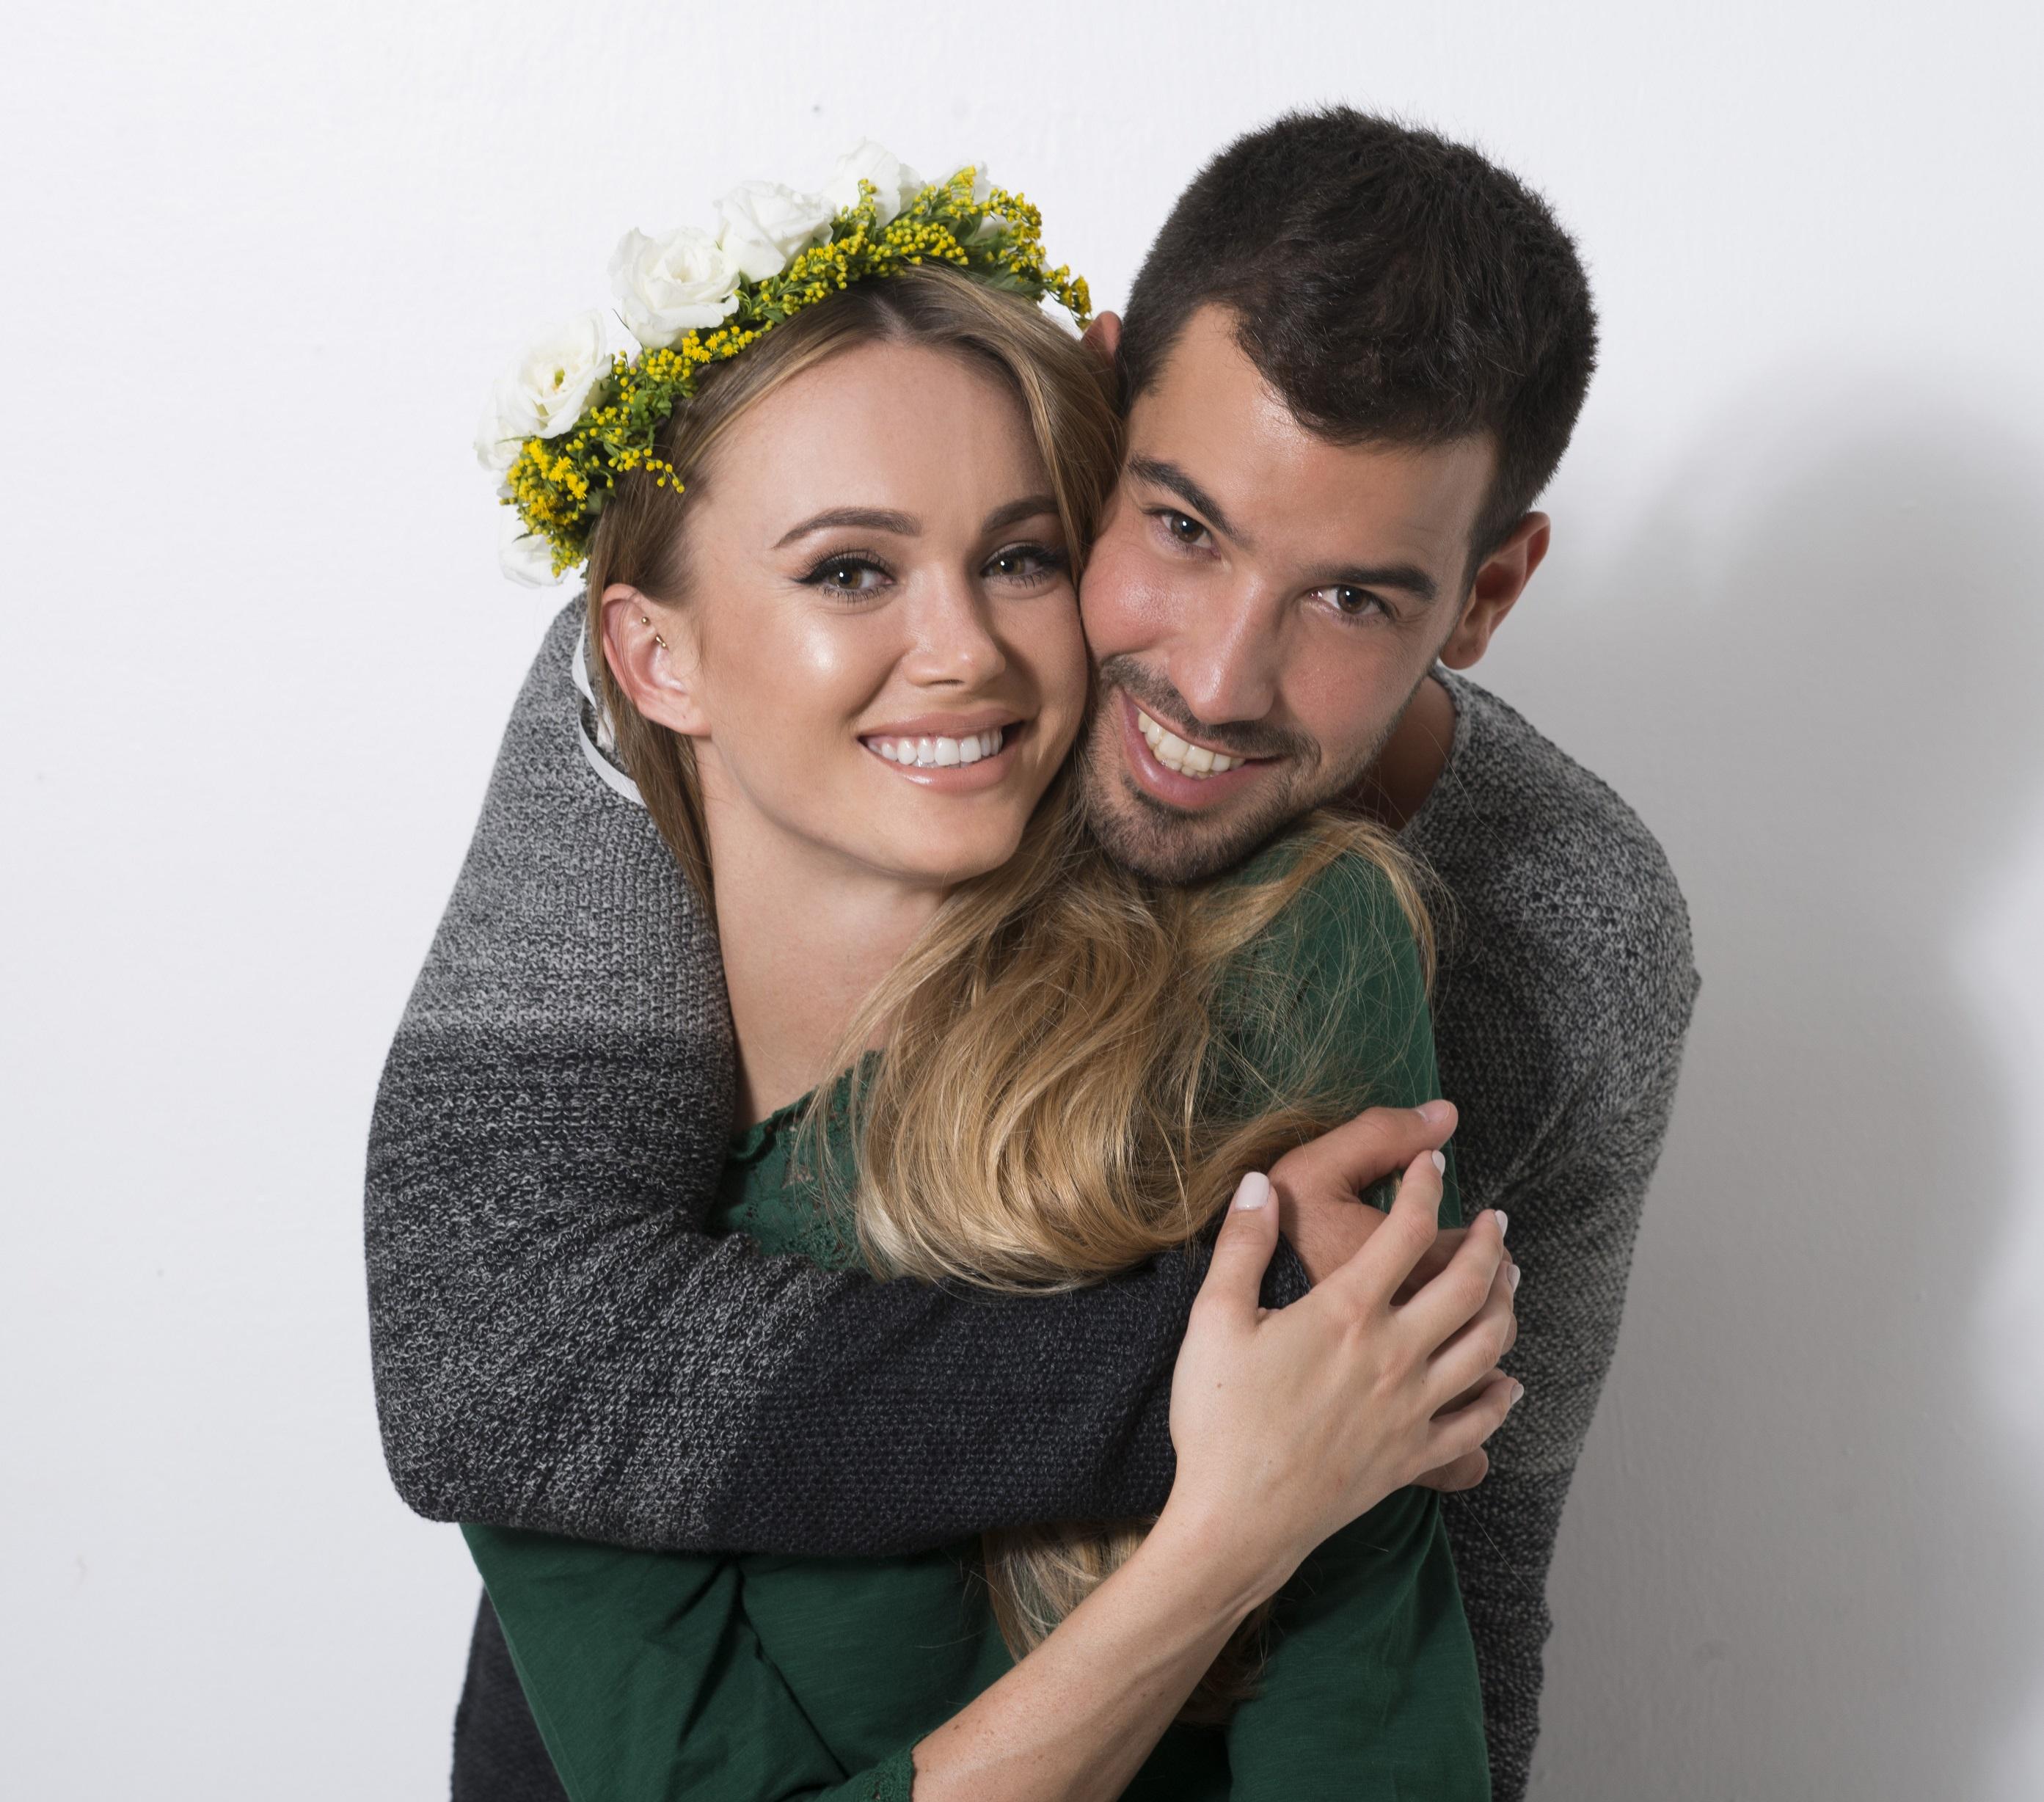 לחיי אהבה... עומרי בן נתן וקסניה מעלים הילוך בהצעת נישואין מרגשת בכותל